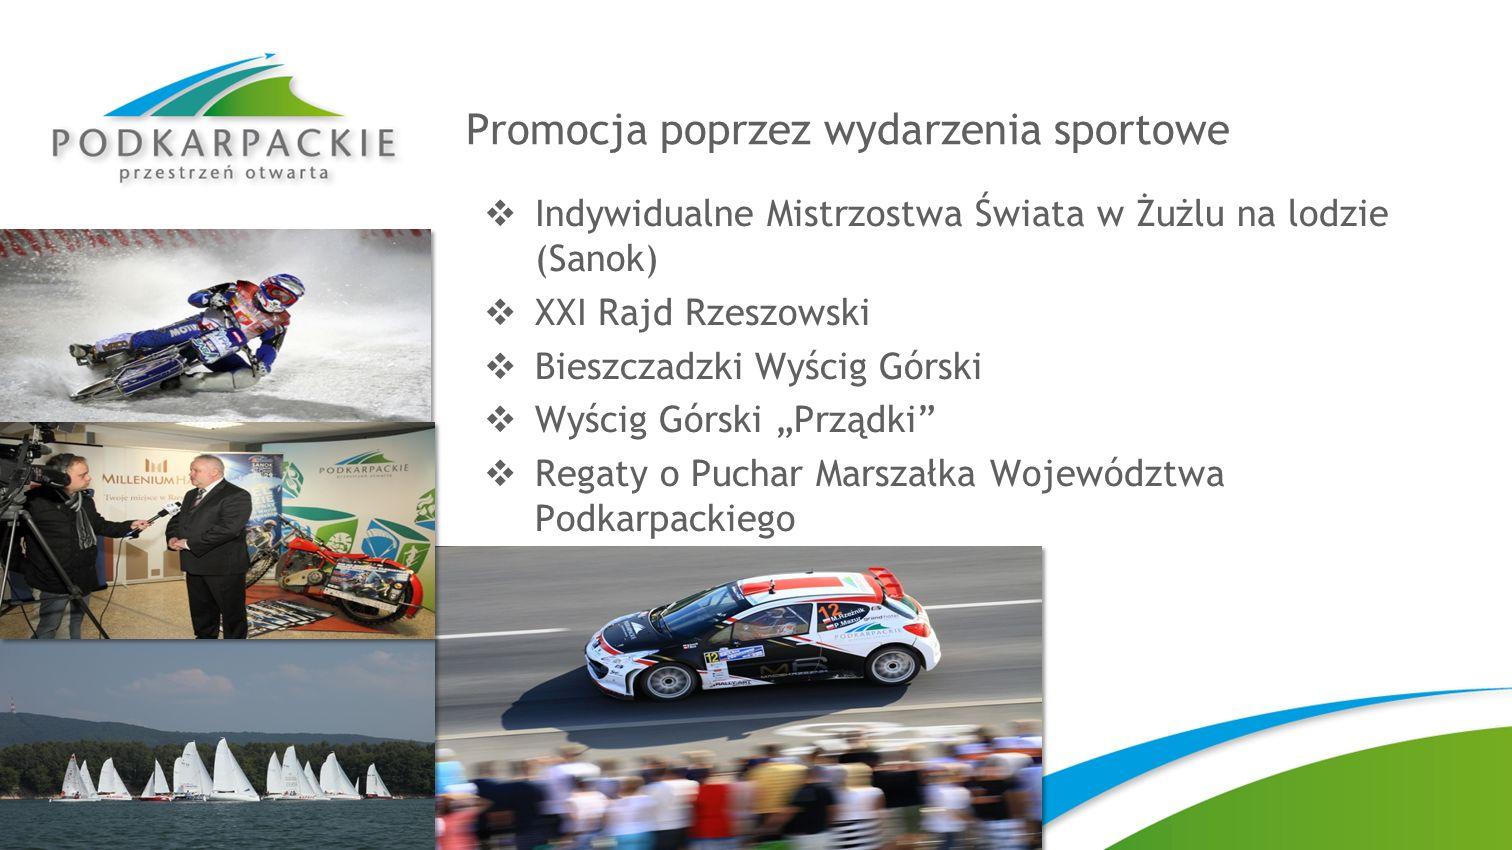 Promocja poprzez wydarzenia sportowe